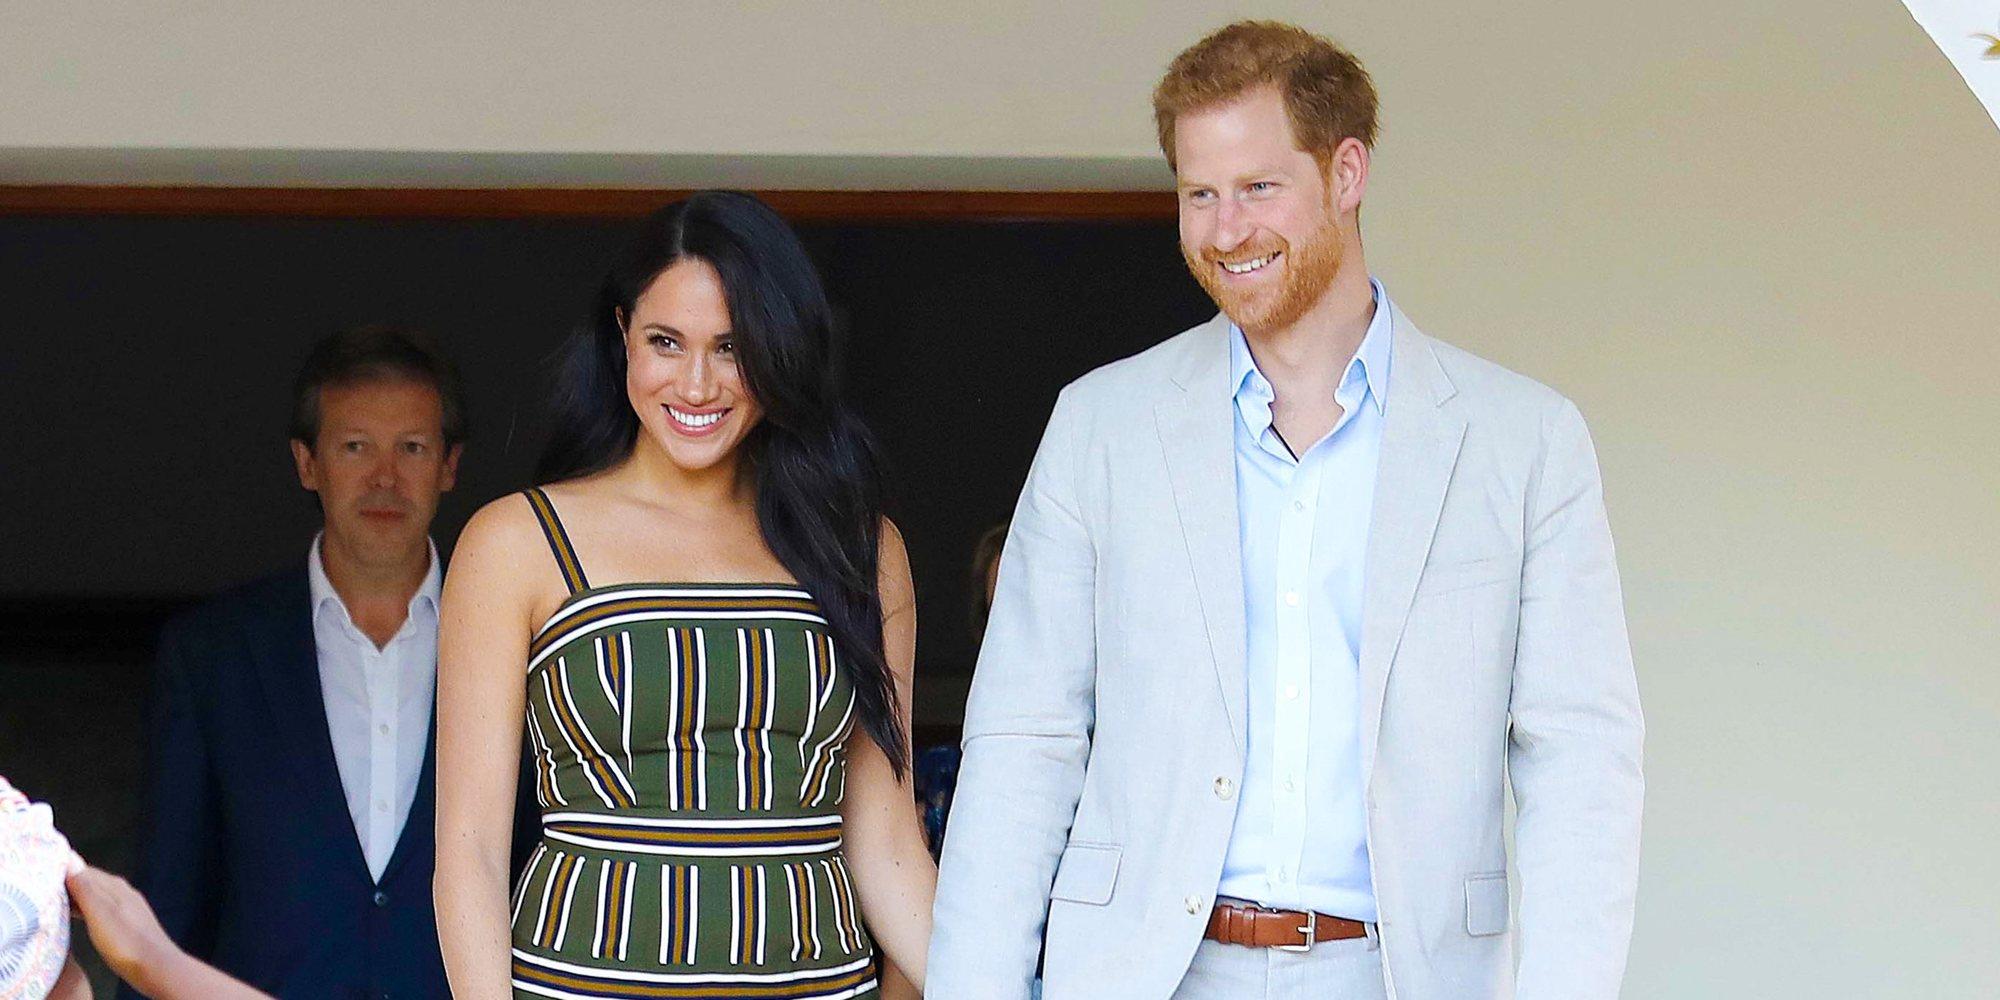 El Príncipe Harry y Meghan Markle barajan la posibilidad de comprarse una casa en Estados Unidos